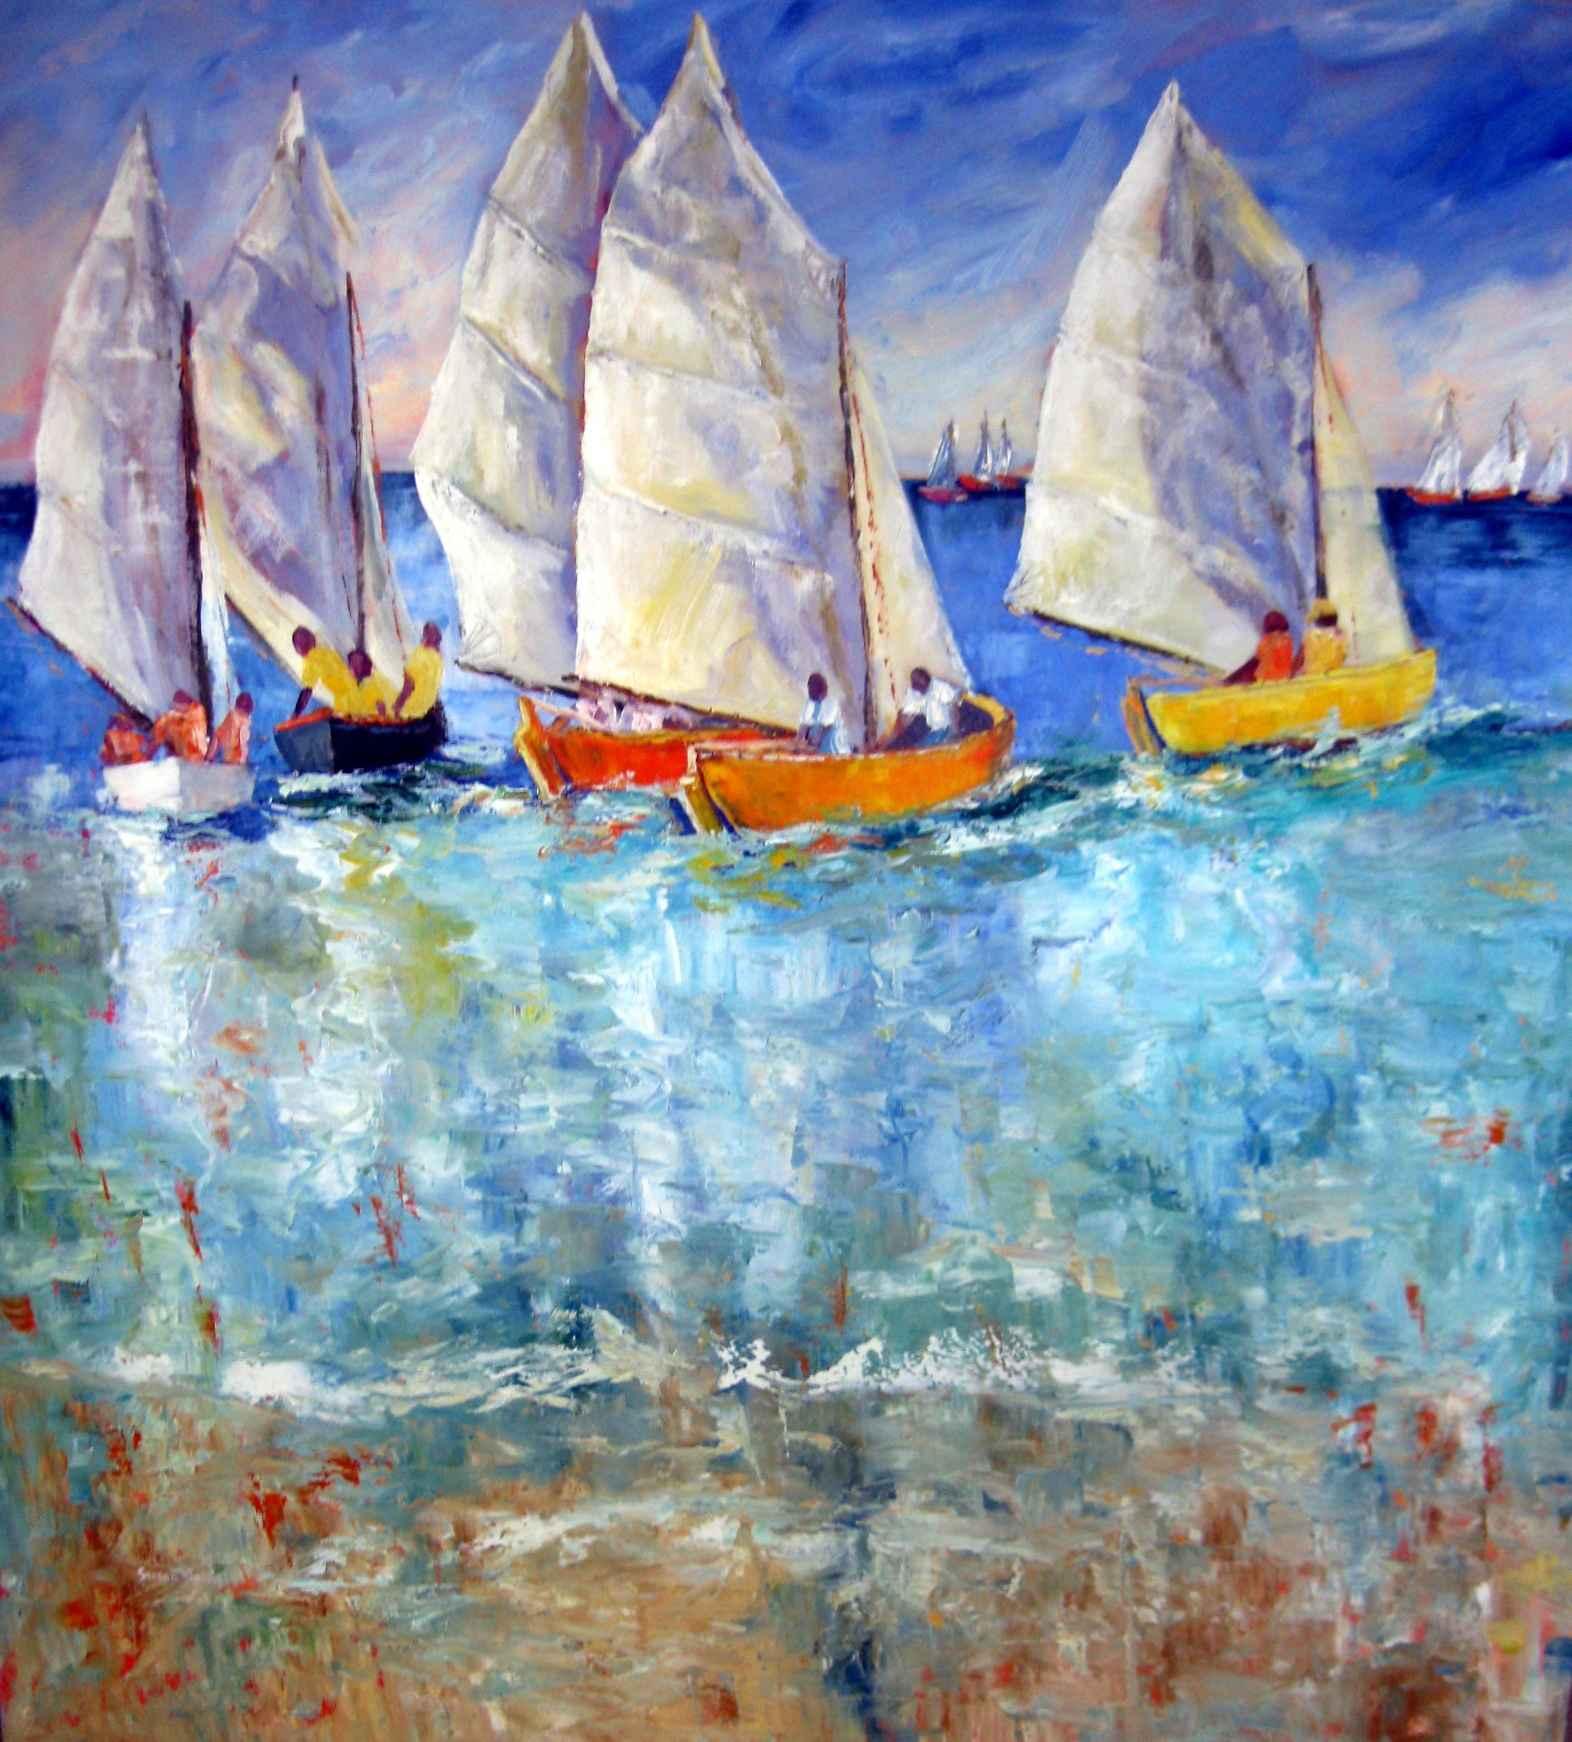 Work Boat Regatta 1 by Mrs. Susan Mains - Masterpiece Online